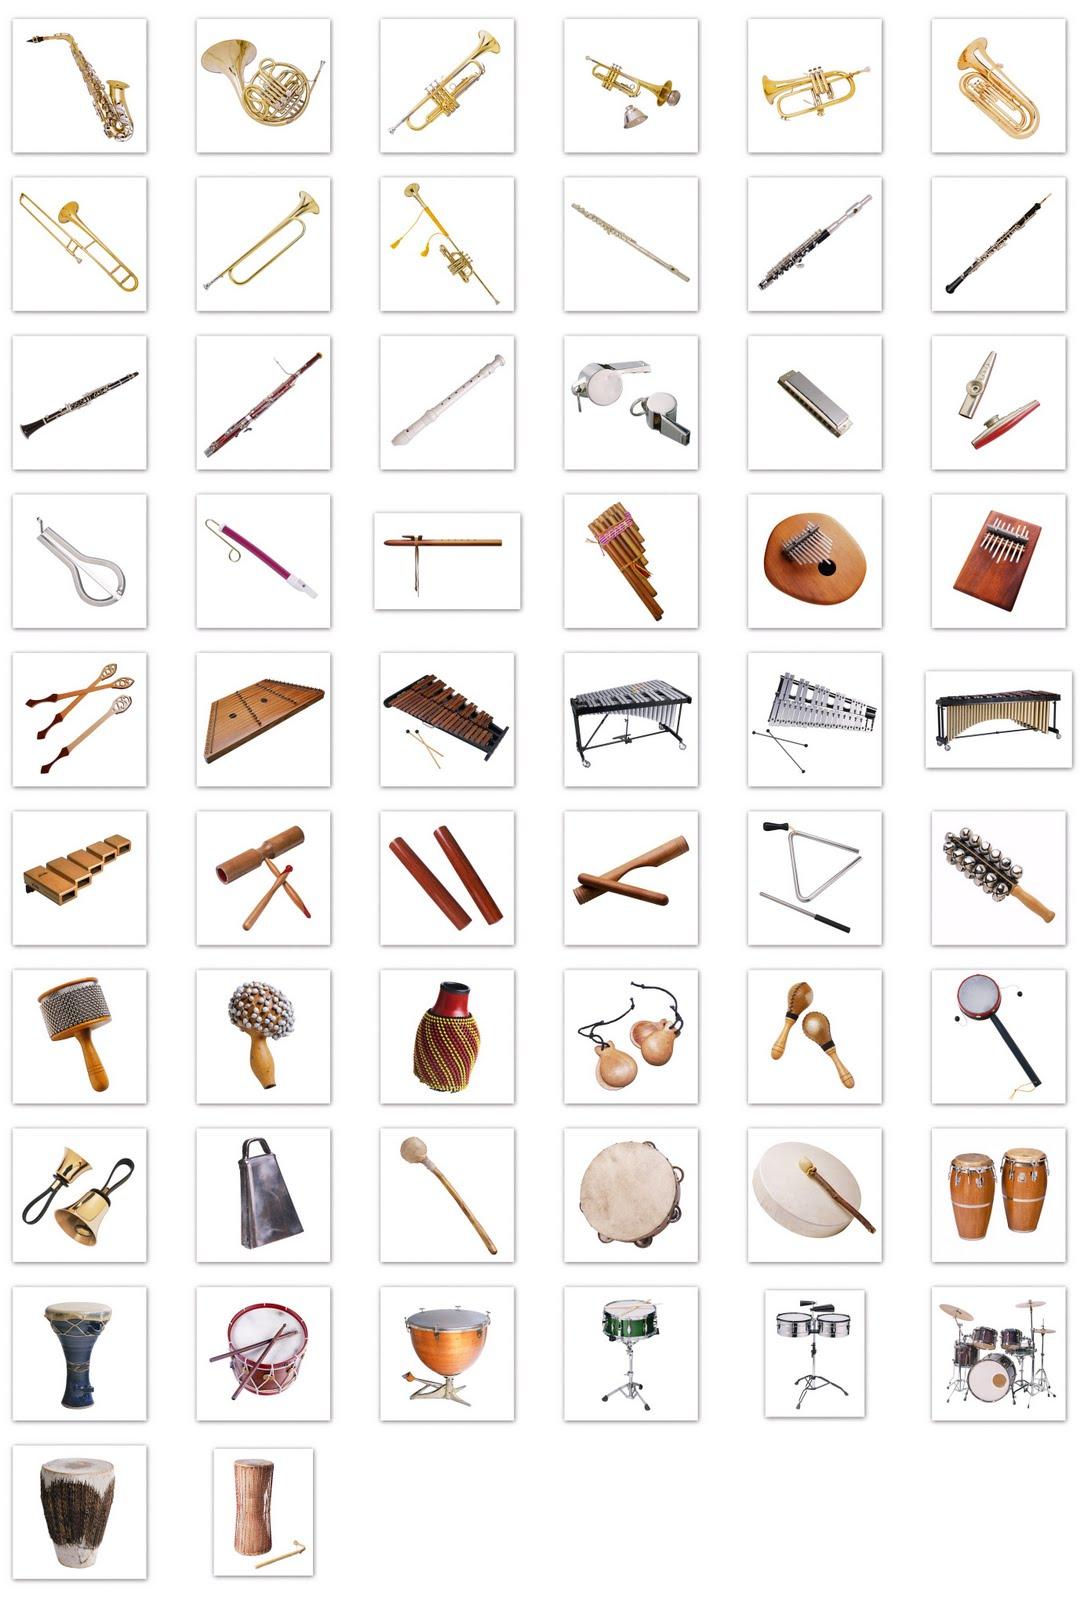 Blog de Artes Musicales Clasificacin de los Instrumentos